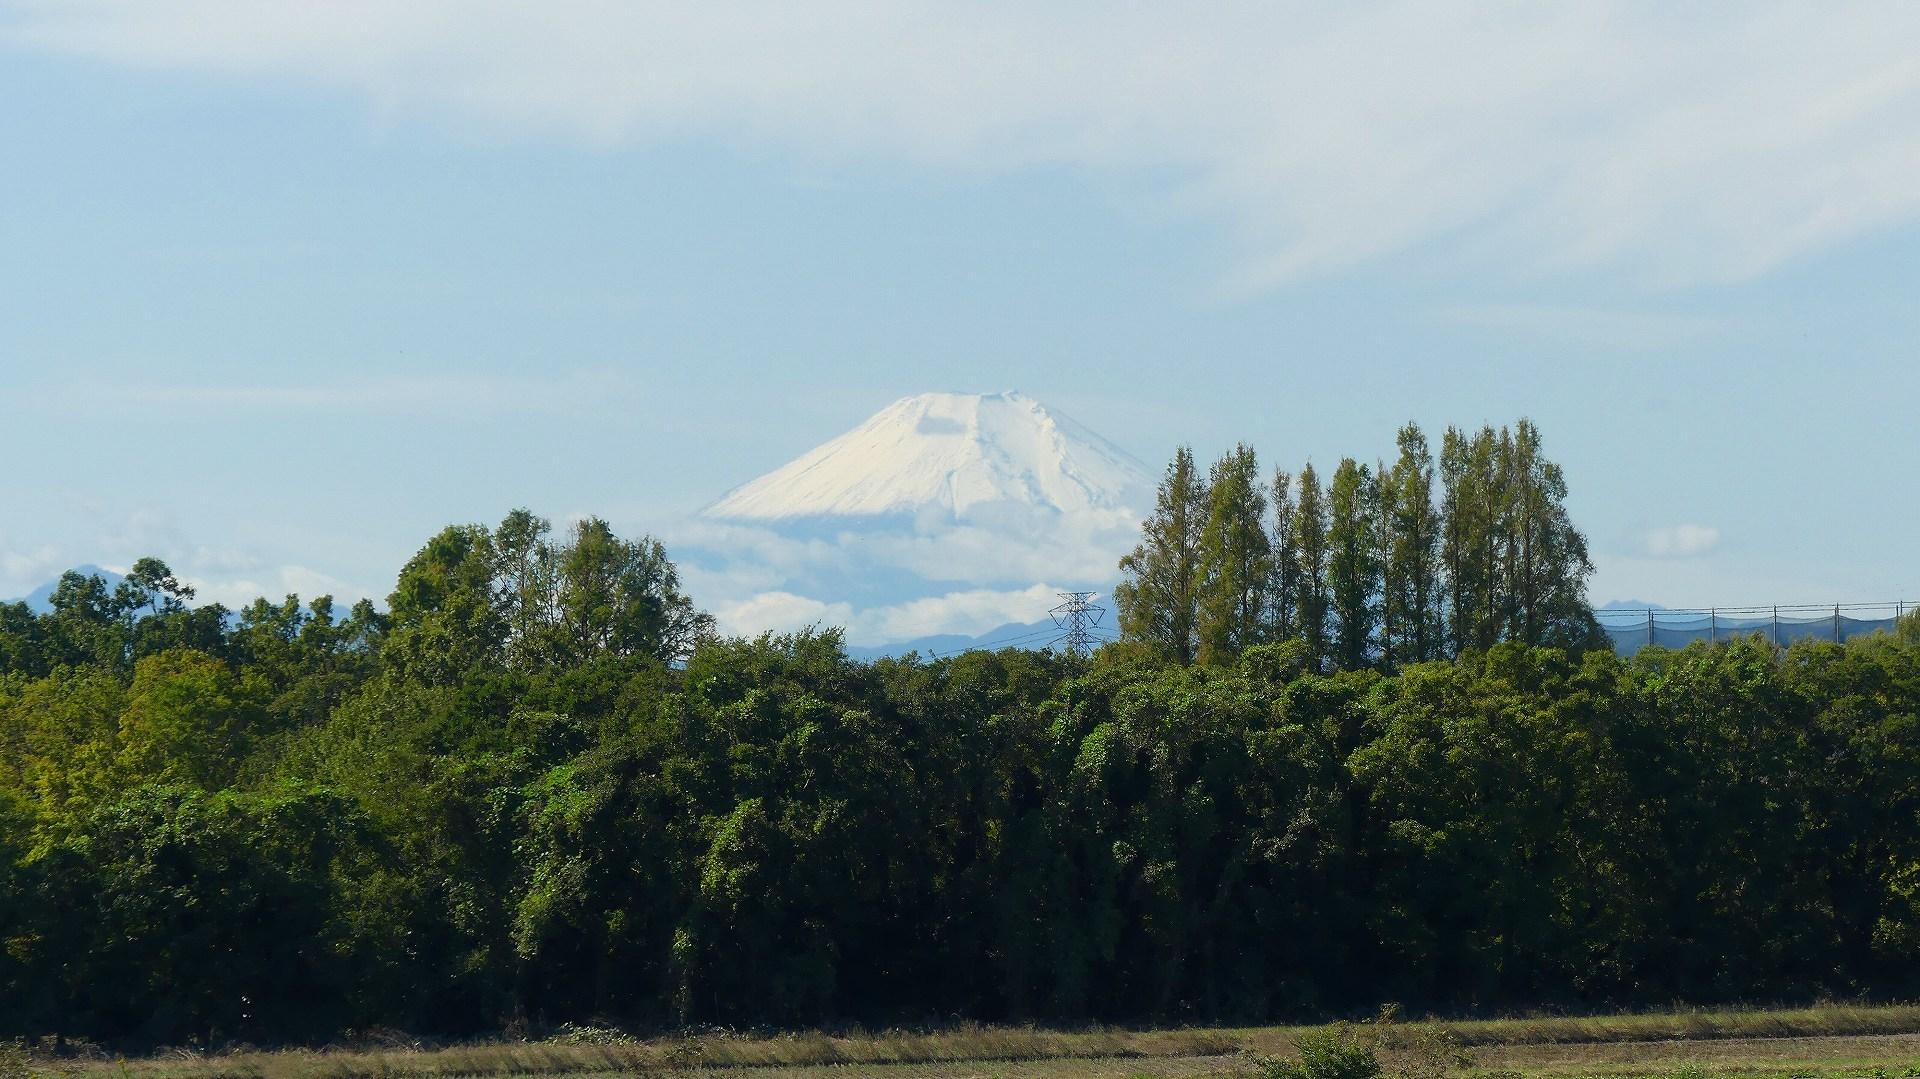 富士は日本一の山 【 2019 10/23(水) 】_a0185081_14305426.jpg